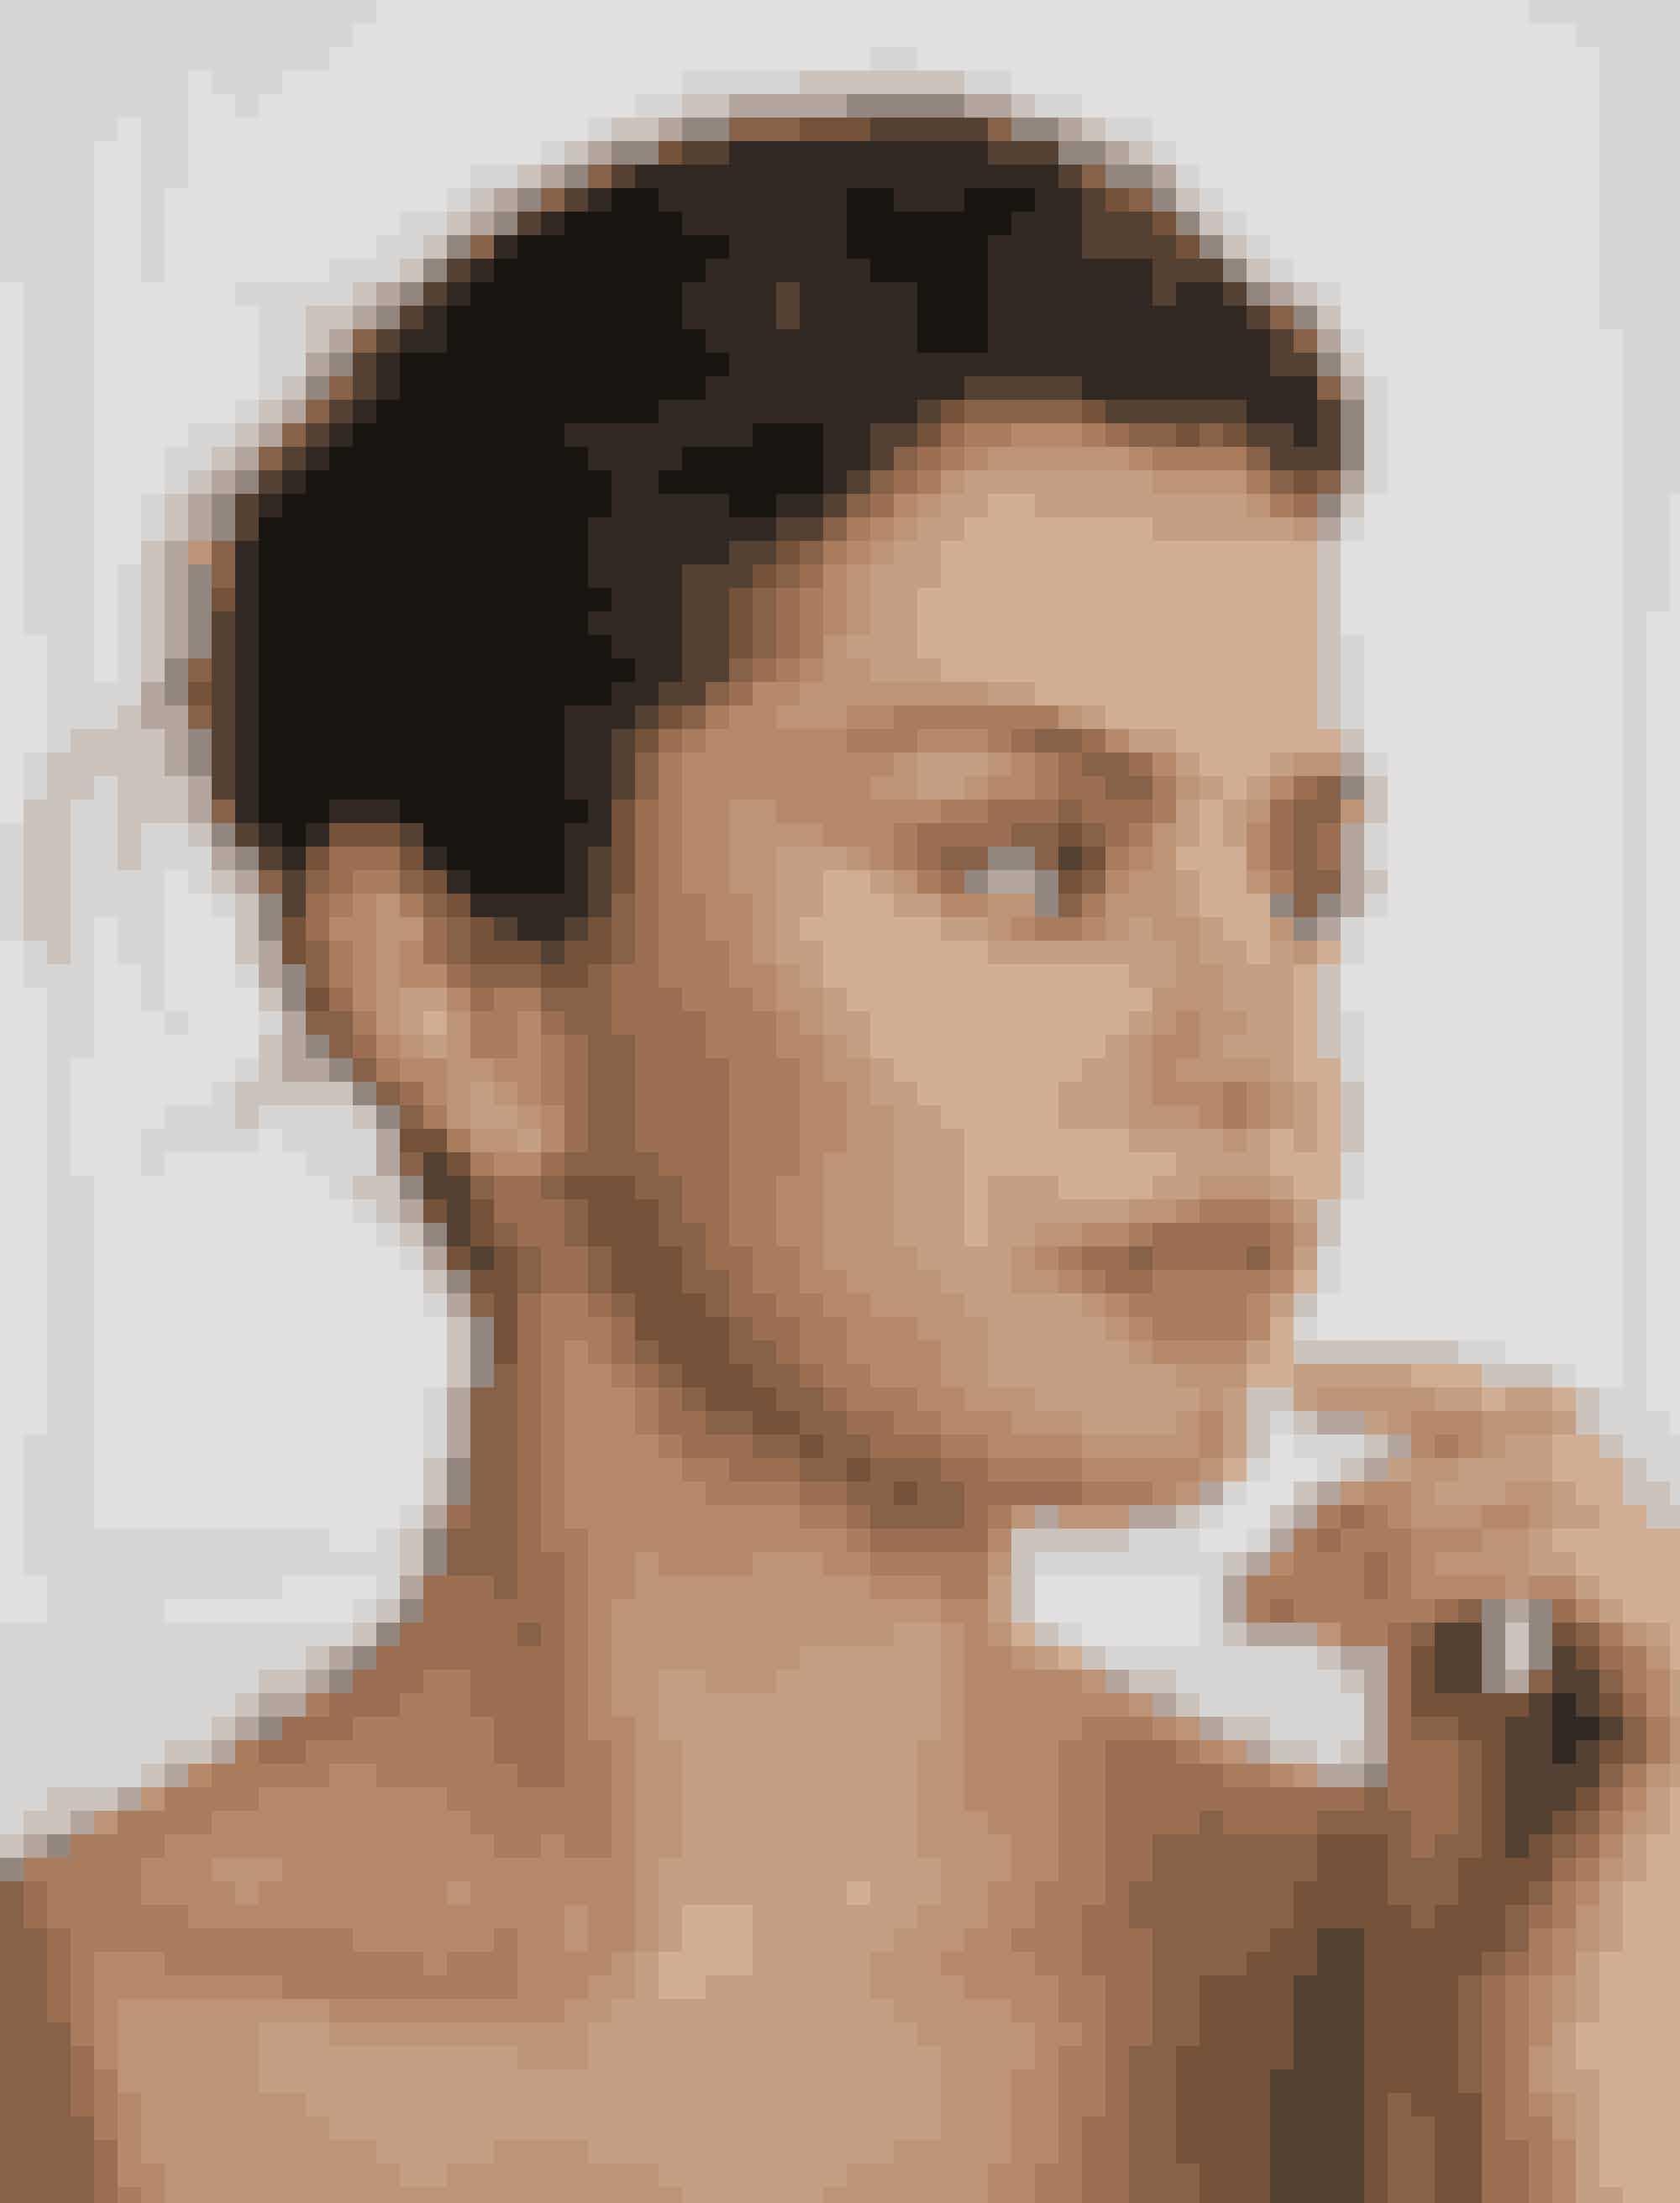 Selena Gomez er klar til at indtage dit badeværelse. Det er set før, at stjerner kaster sig over make-uppen. Tænk bare på Rihannas Fenty Beauty og Victoria Beckham Beauty. For et år siden meldte sangerinden Selona Gomez sig ind i klubben. Med succes. Og nu kan du endelig få fingrene i hendes produkter herhjemme. ELLE har talt med sangerinden om hendes nye beautylinje.